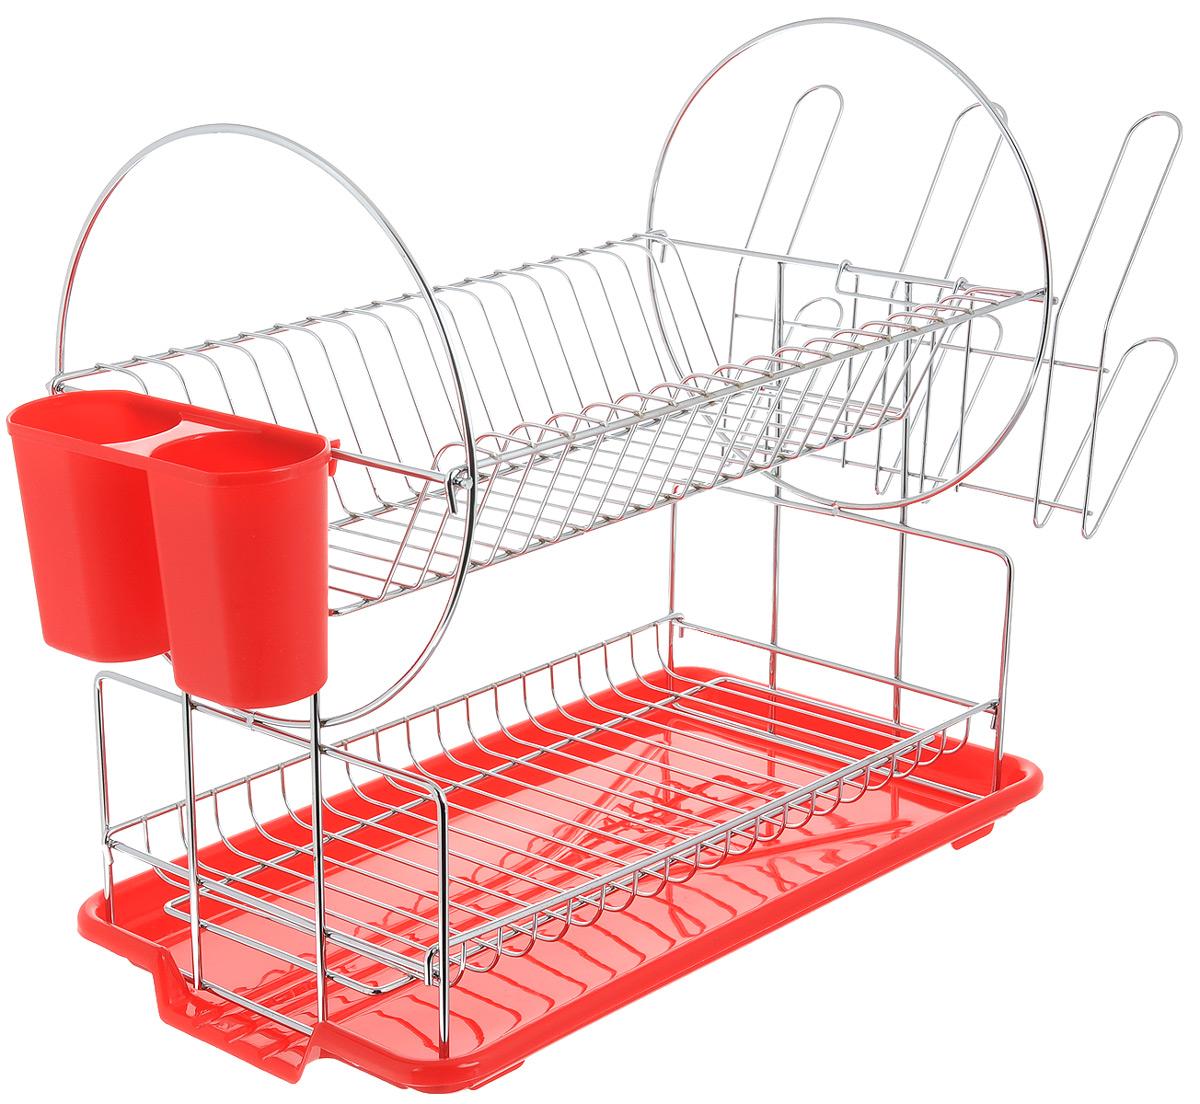 Сушилка для посуды Mayer & Boch, цвет: красный, серебристый, 42 х 22 х 35 смFD-59Сушилка для посуды Mayer & Boch изготовлена из высококачественных гигиеничных материалов. Корпус выполнен из хромированного металла, поддон и подставка для столовых приборов - из полипропилена. Сушилка двухъярусная, что позволяет хранить больше посуды. Внизу можно поместить кружки и пиалы, а вверху - тарелки и столовые приборы. Сбоку предусмотрены специальные держатели для стаканов. Прямоугольный поддон для воды поможет вам сохранить кухню в чистоте. Элегантный дизайн позволит сушилке Mayer & Boch стать прекрасным дополнением интерьера кухни.